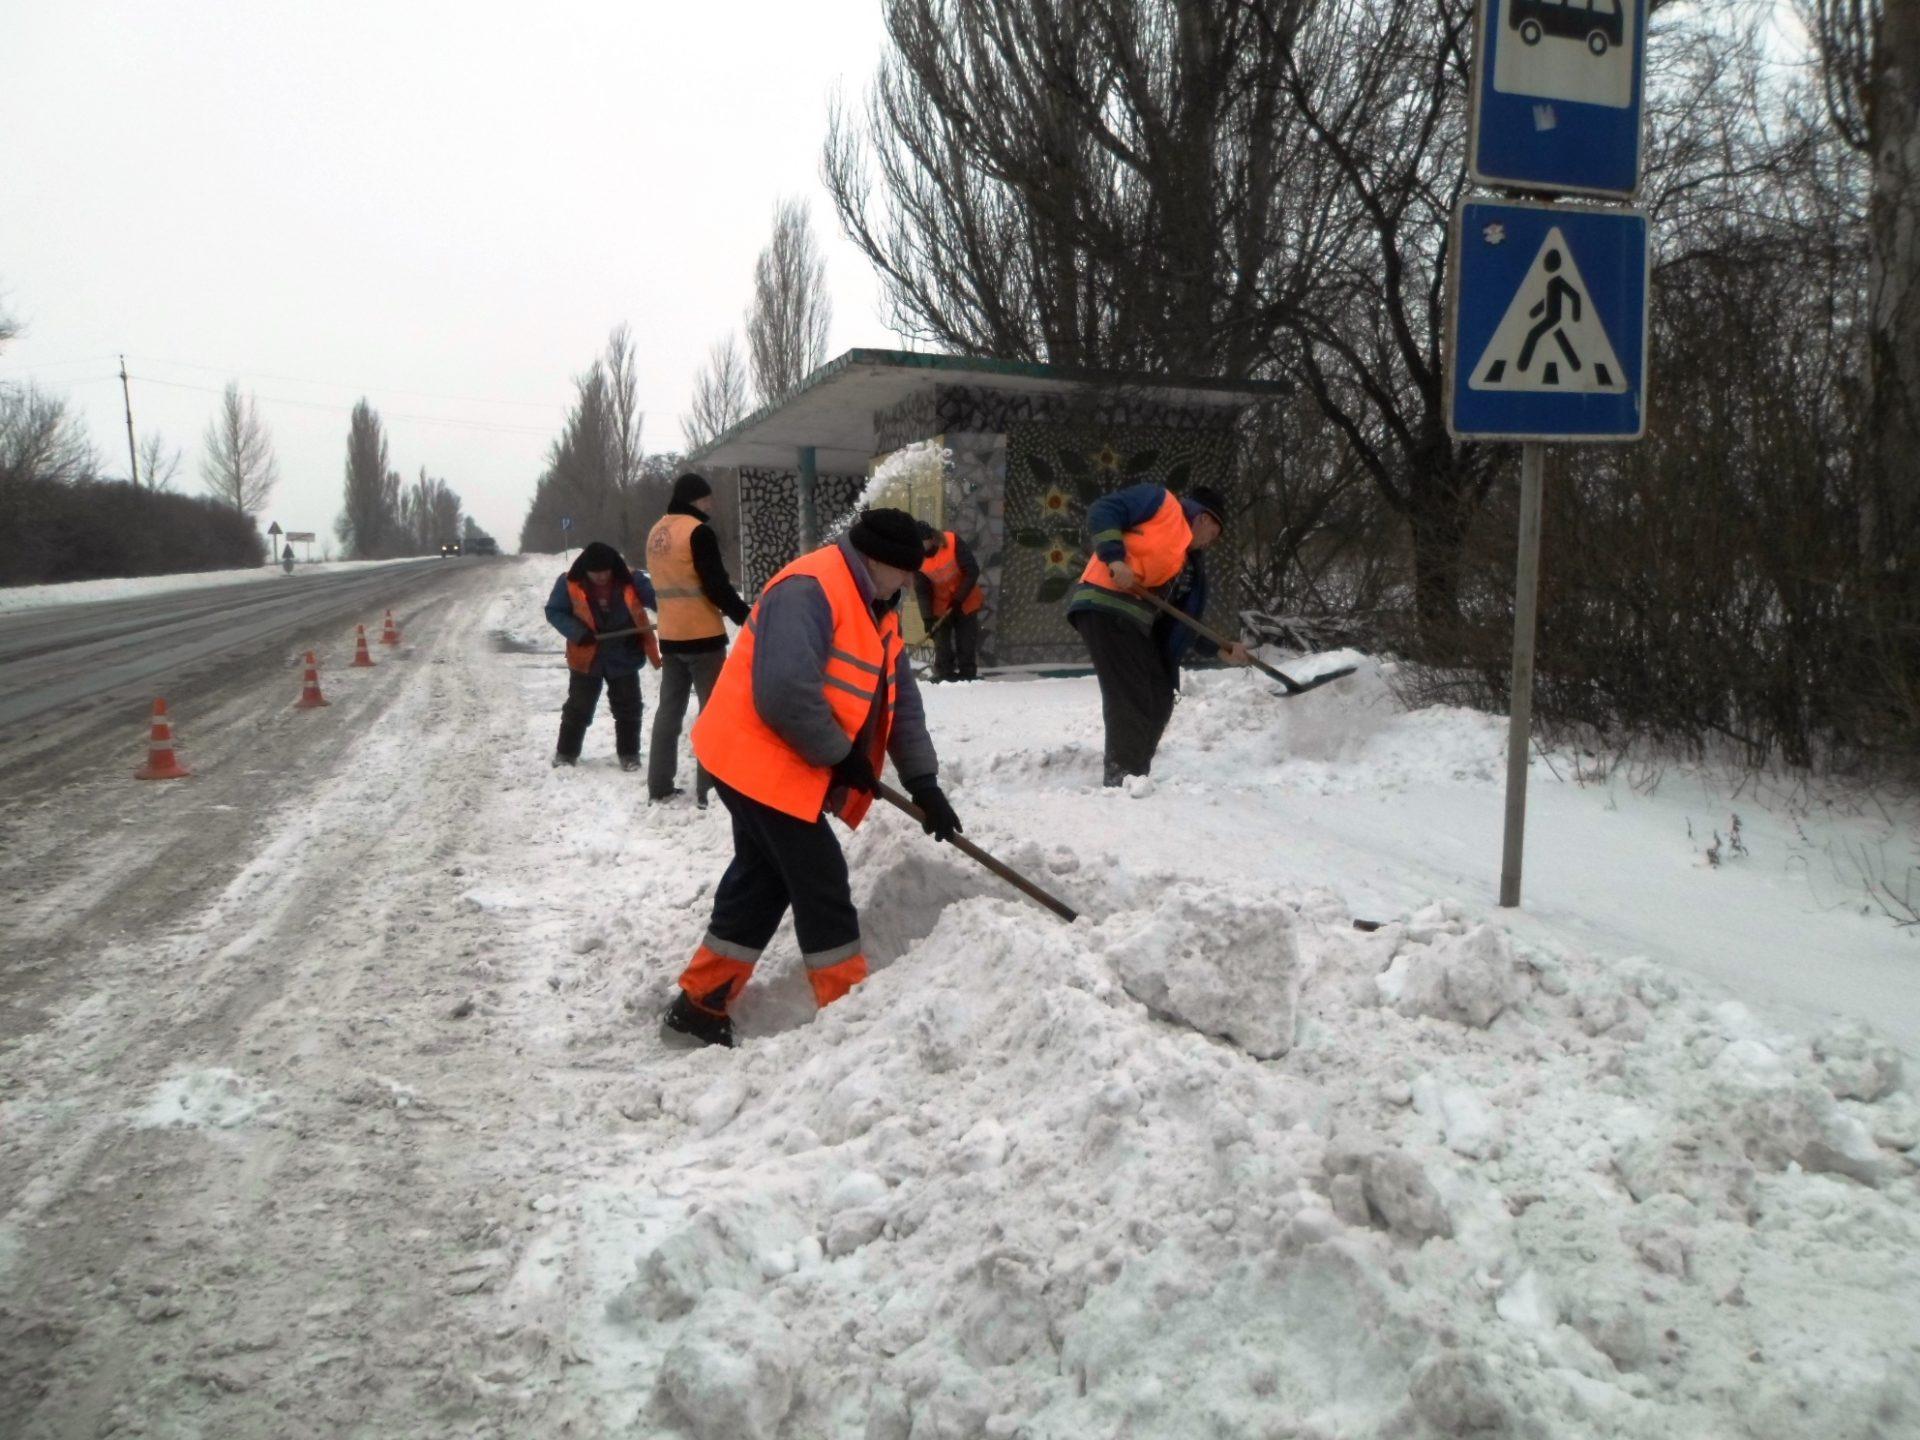 Без Купюр У Знам'янці до прибирання снігу залучили безробітних. ФОТО Життя  сніг Знам'янка безробітні